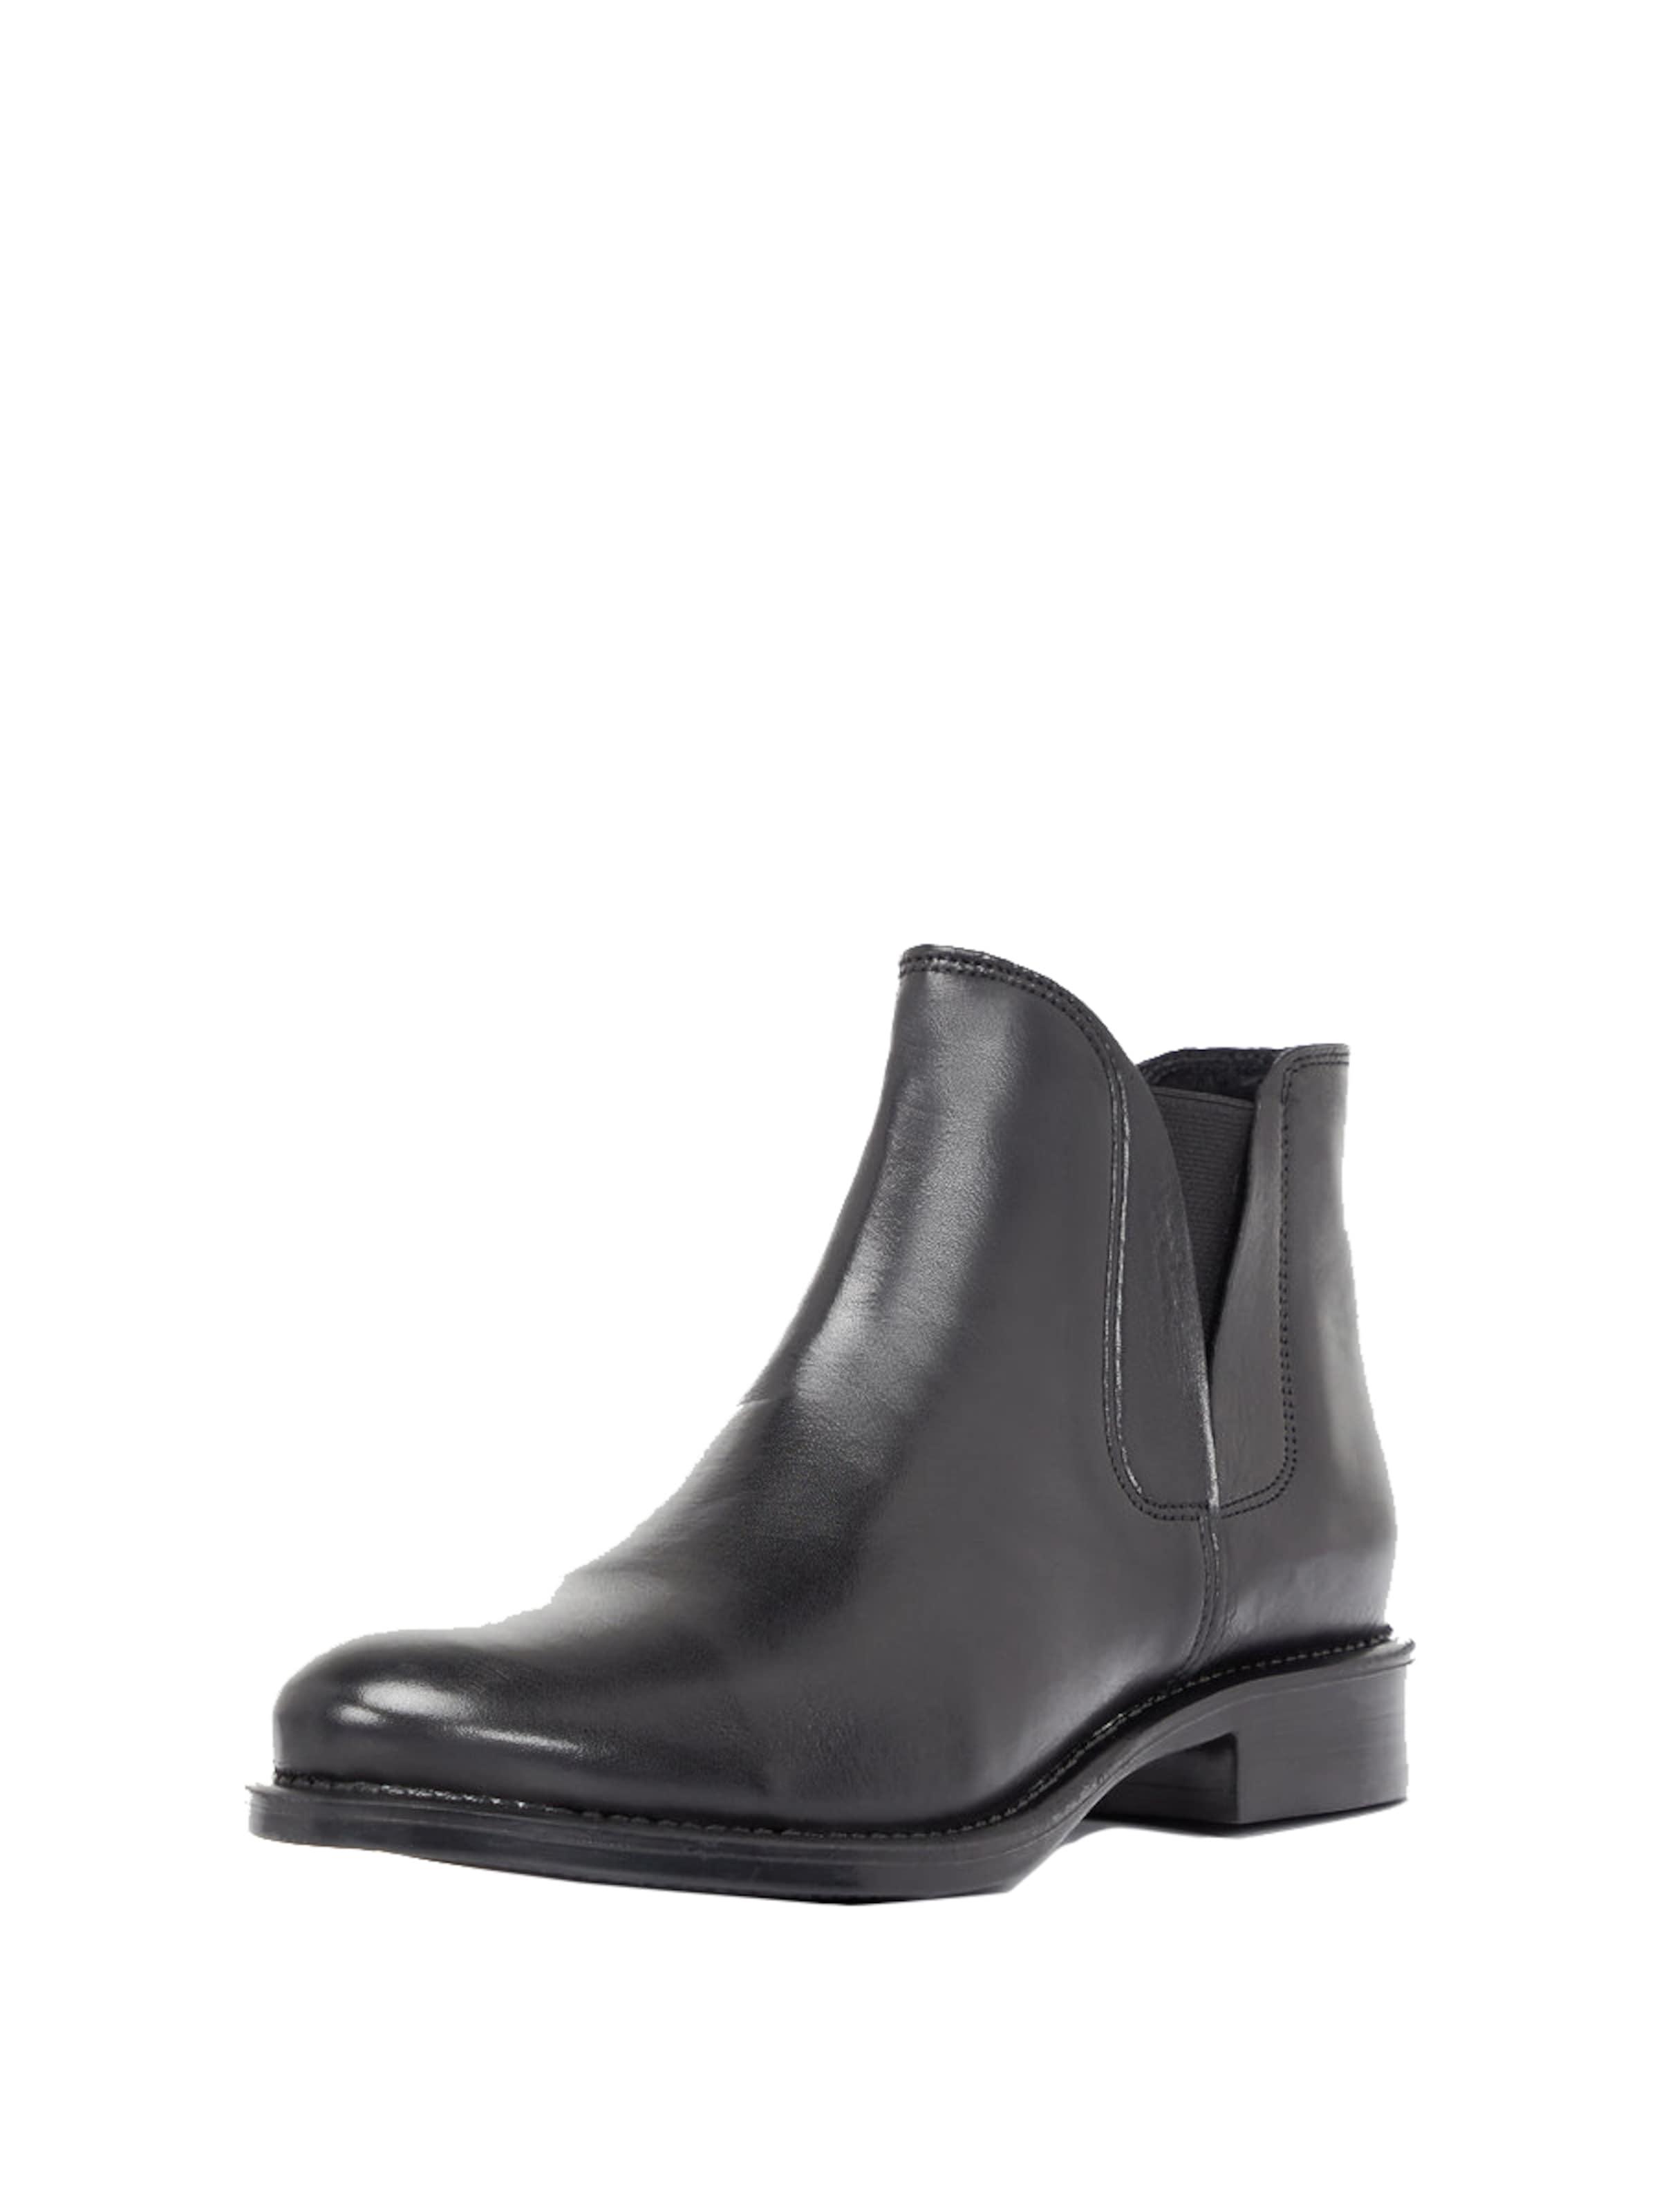 Boots Noir En Bianco Chelsea Chelsea Bianco Boots Noir En qzVGSUMp